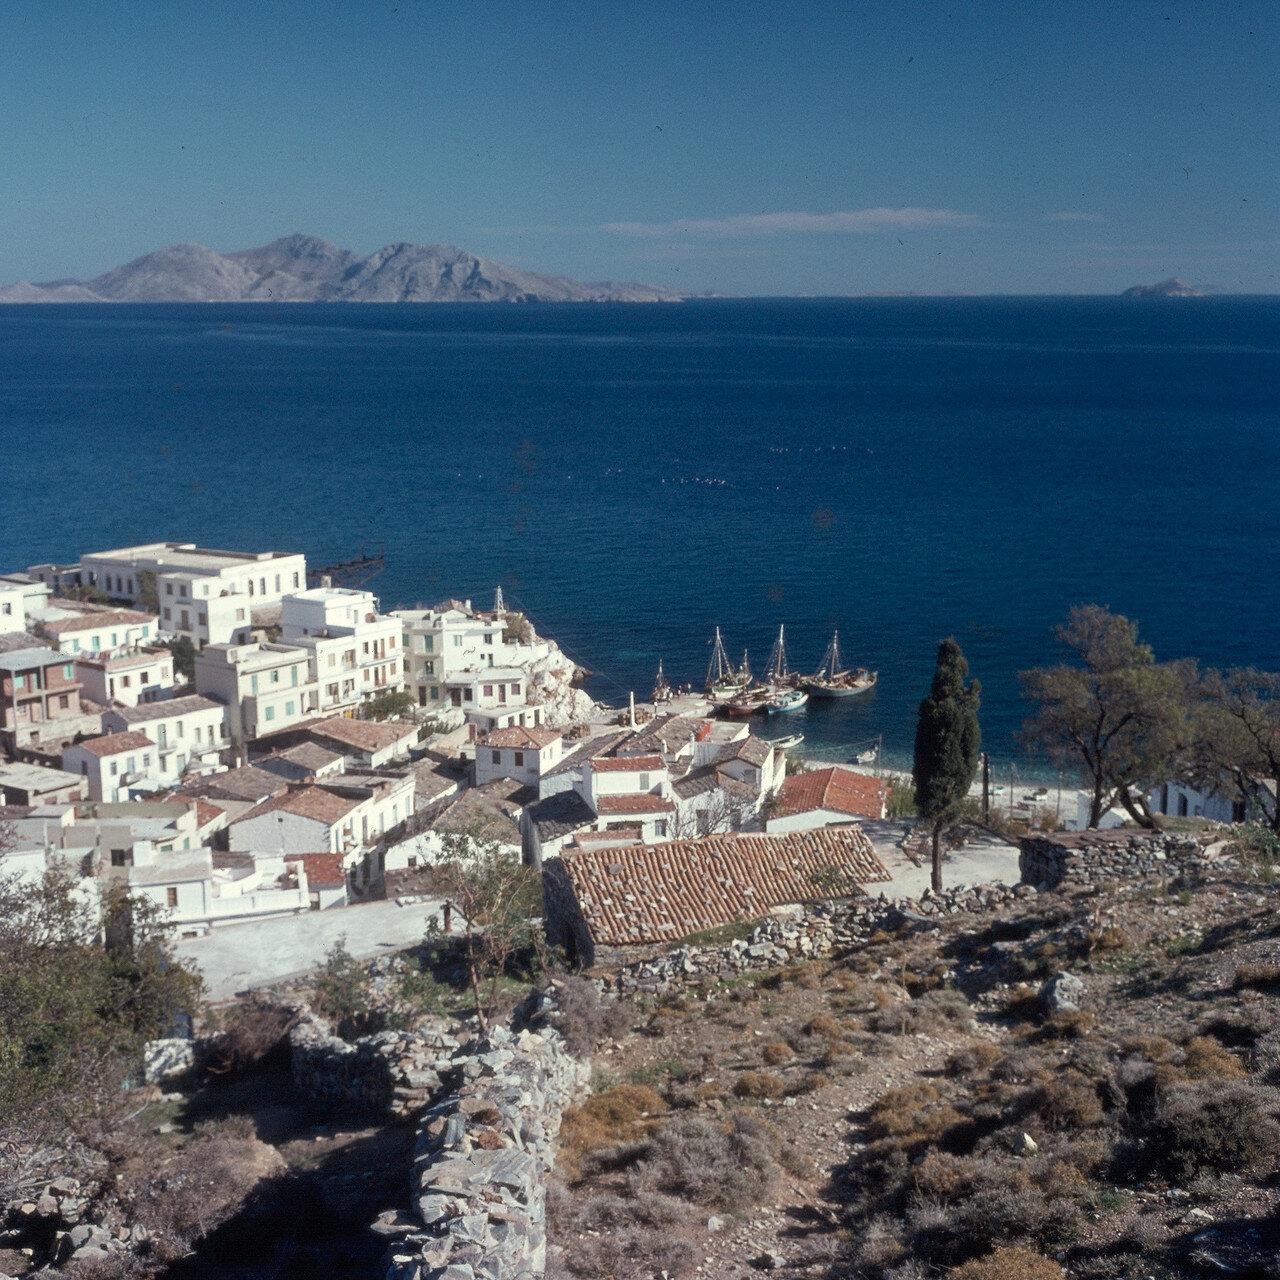 Икария. Айос-Кирикос. Вид на ближайший из островов Фурни. 1966